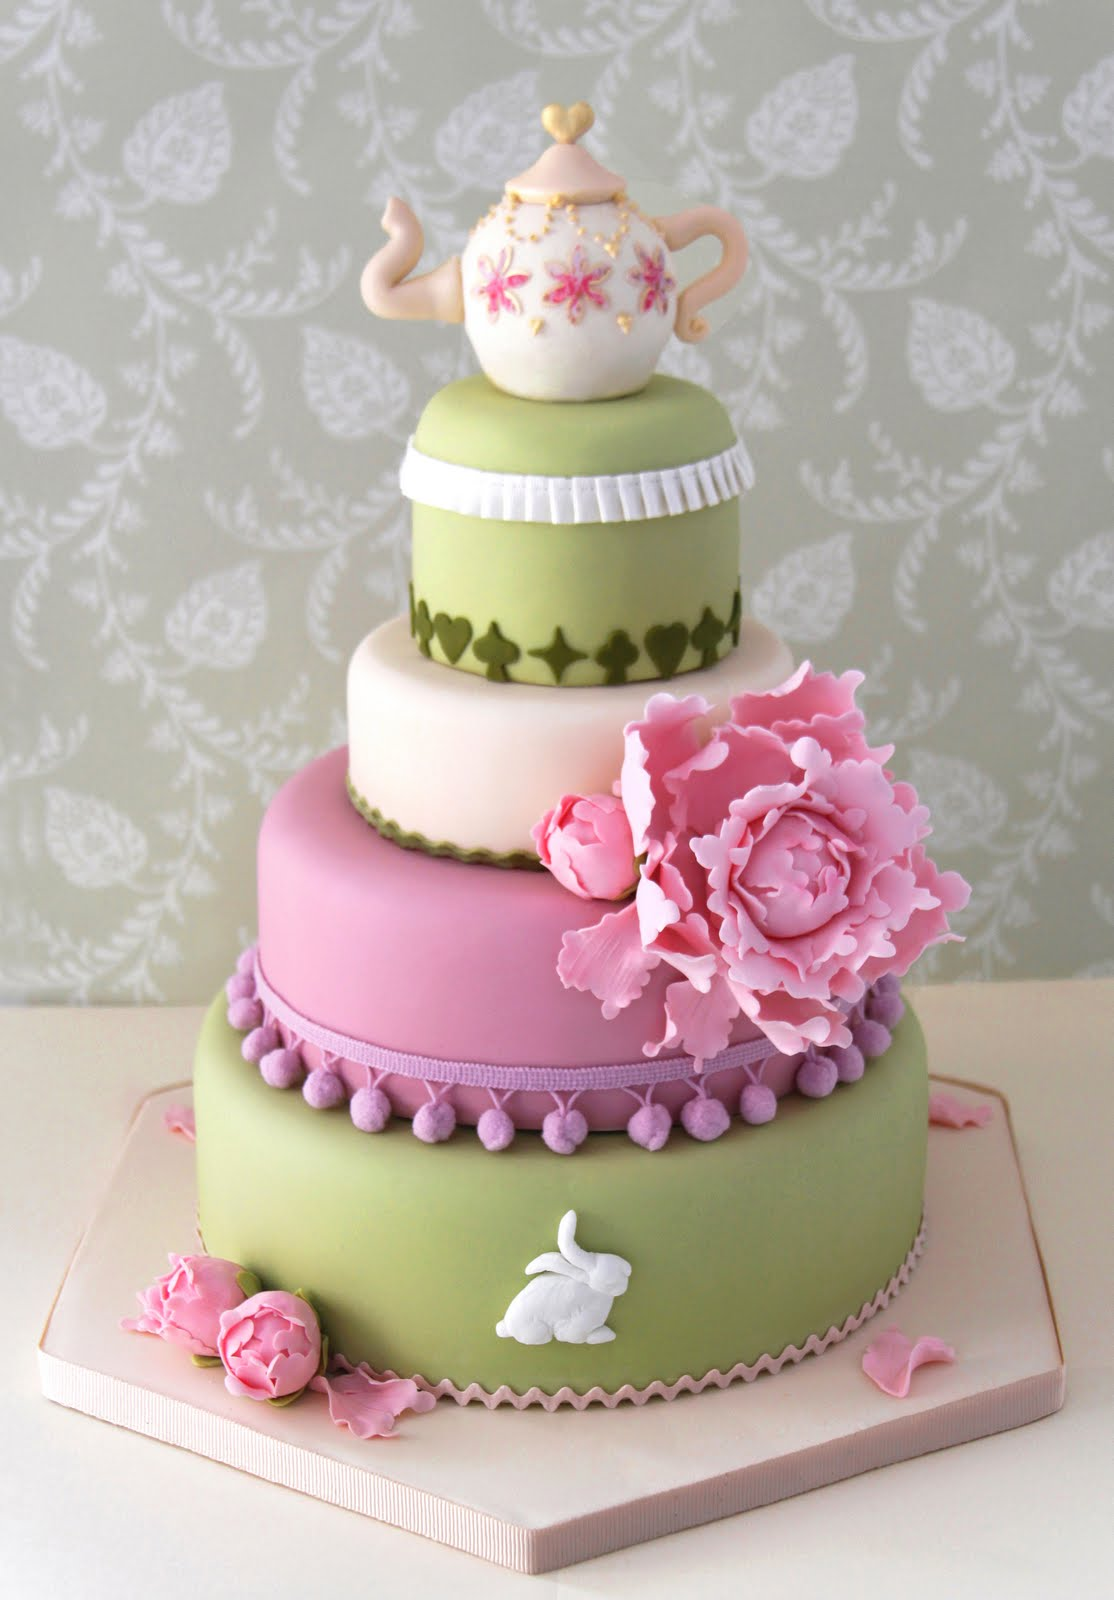 Tarta de boda o torre de cupcakes? | Innovias